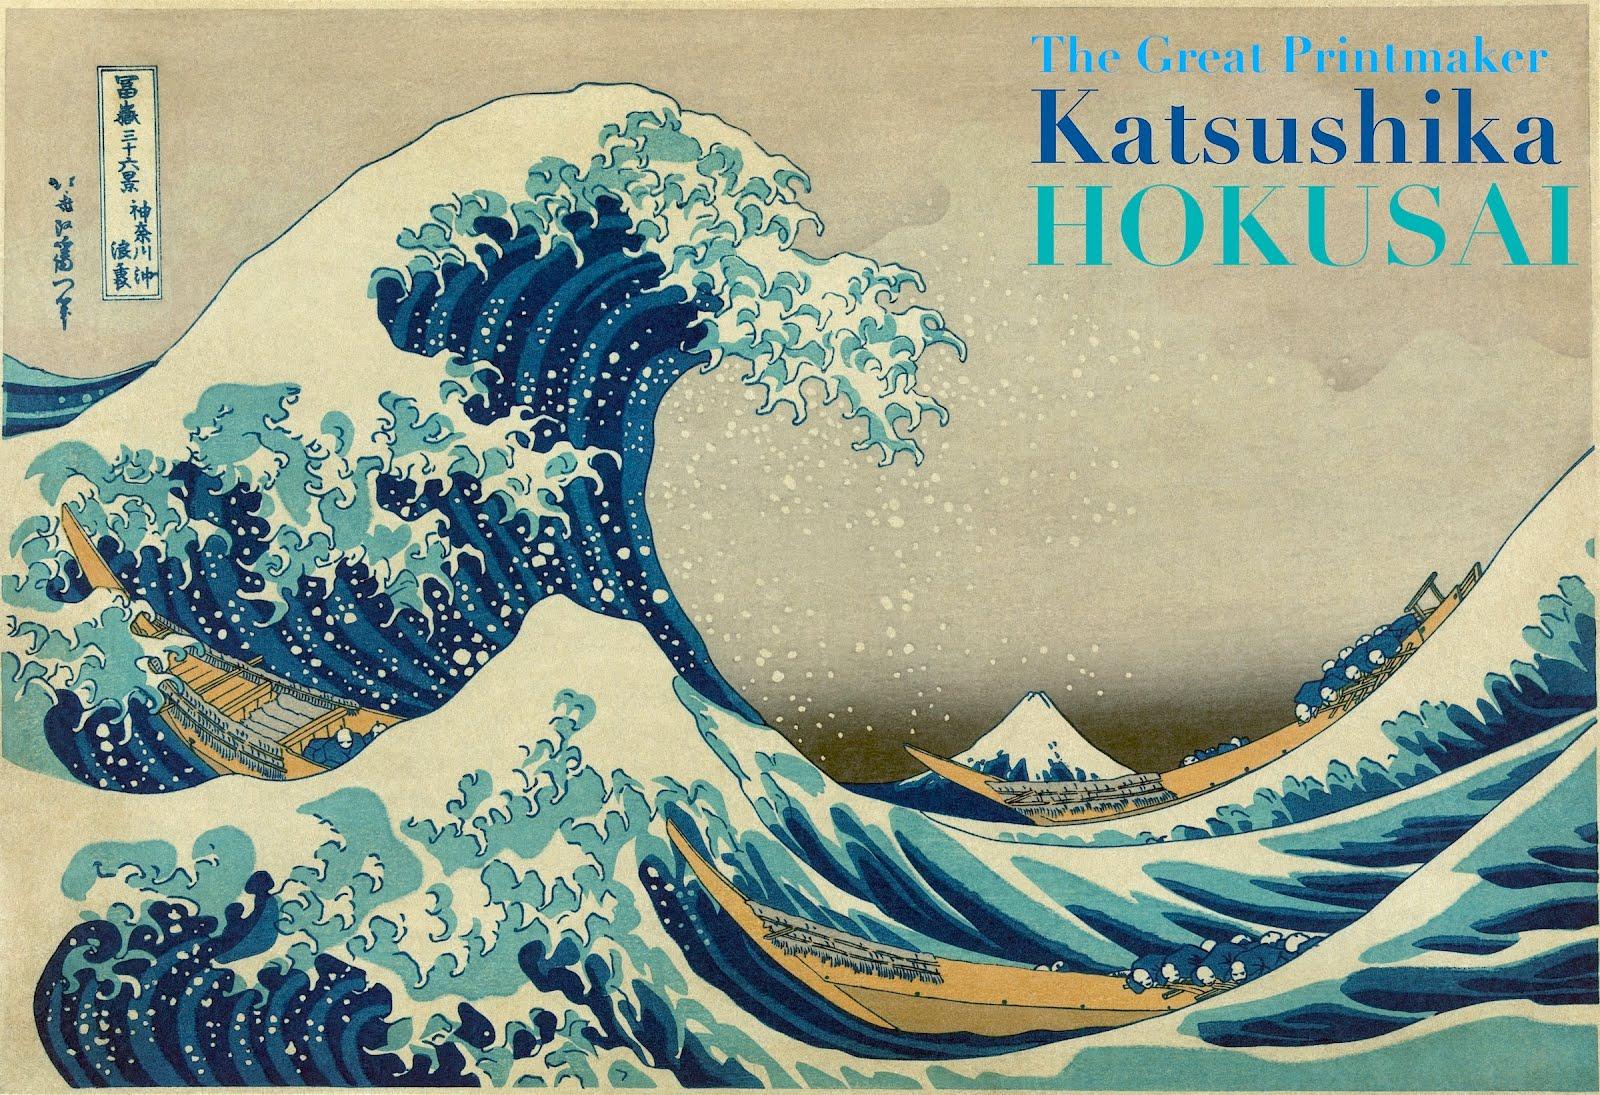 KATSUSHIKA HOKUSAI: Legendary Print Maker + Painter